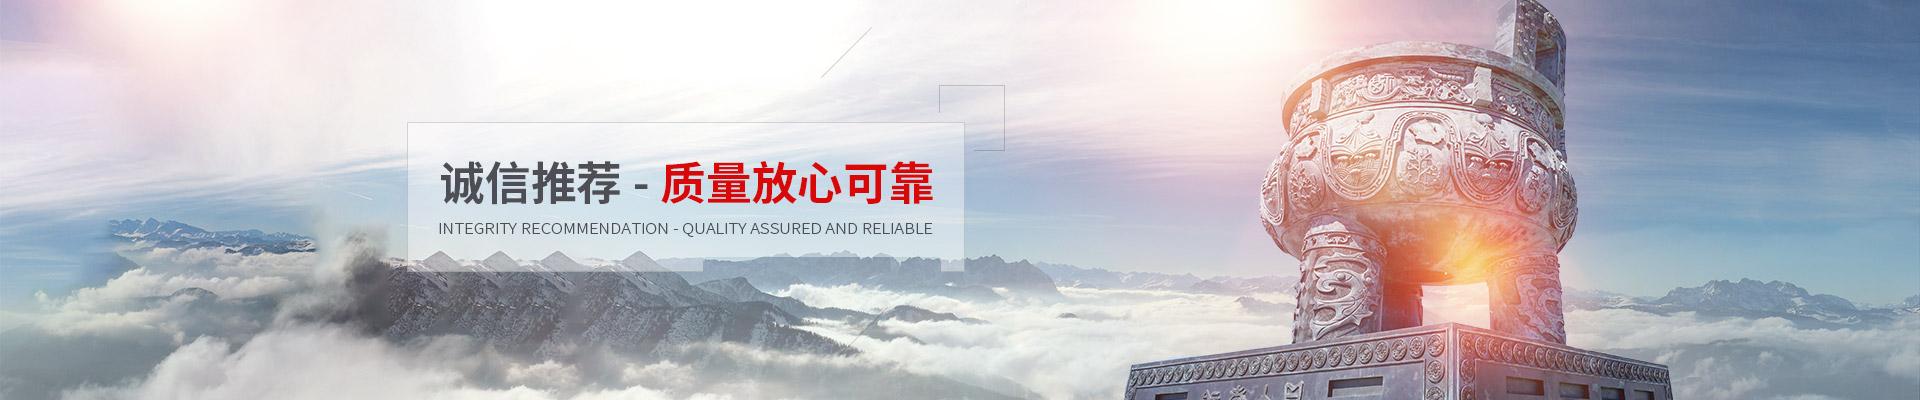 錫山區多功能人工智能系統技術服務供應